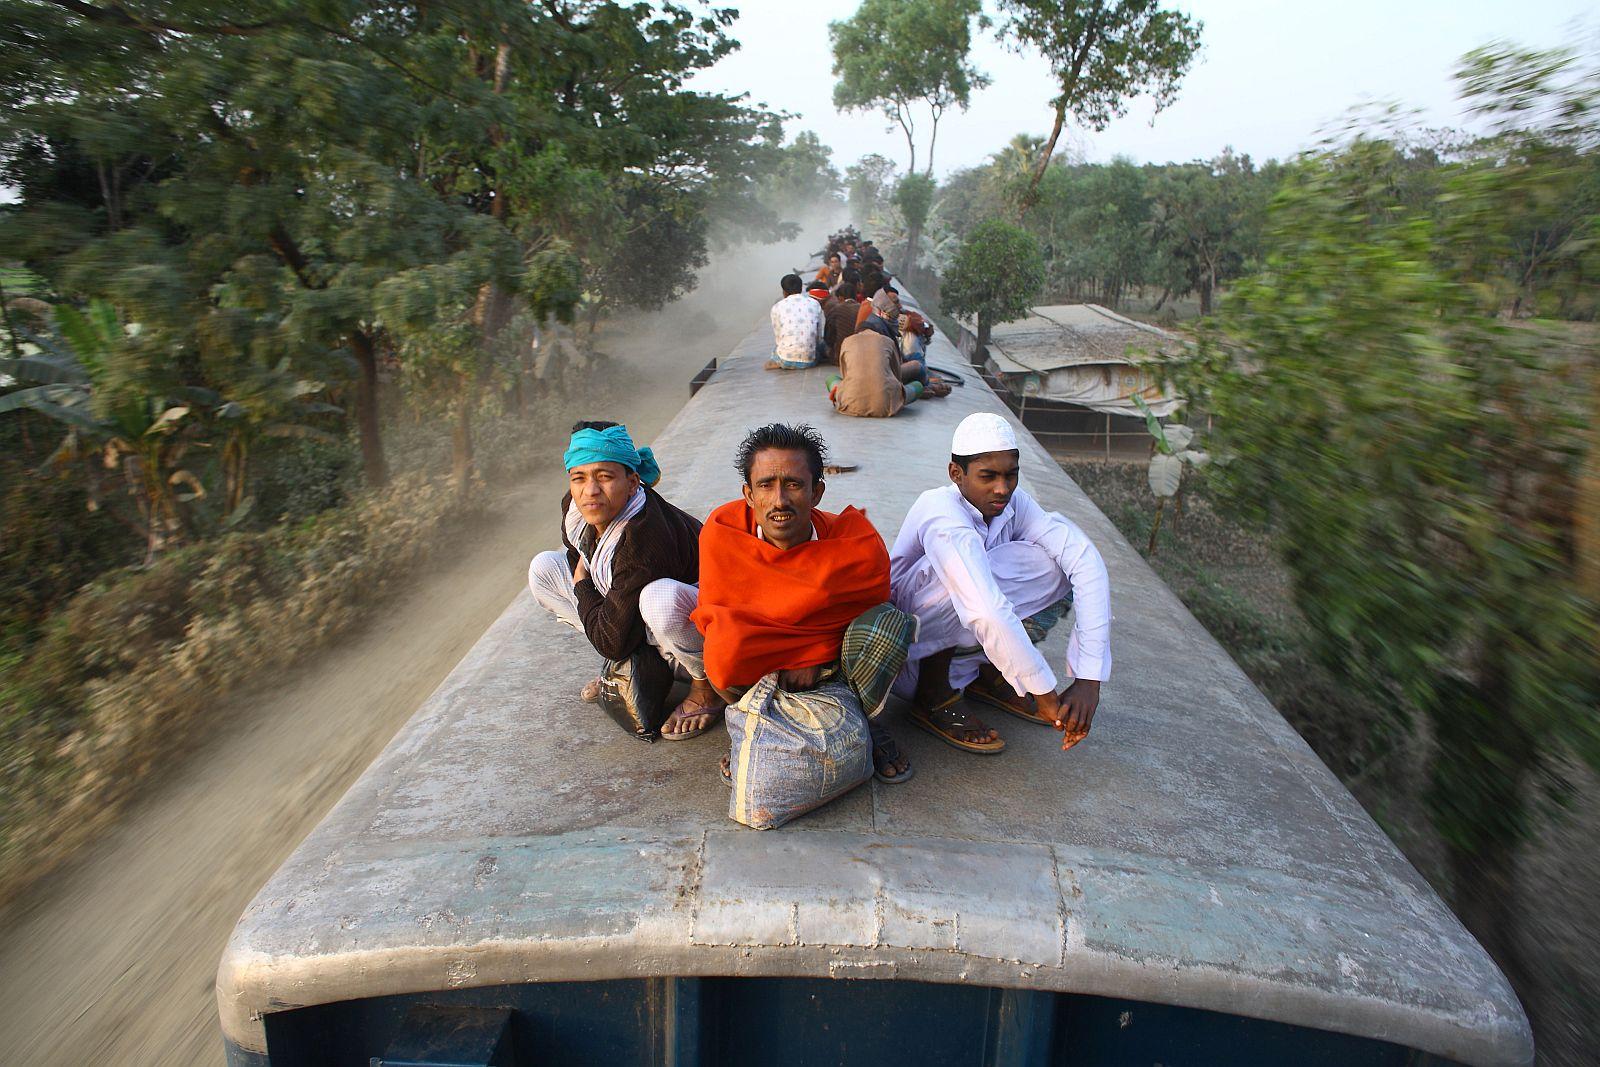 «Не за что держаться». Первое место в номинации «Путешествия людей». Фото: GMB Akash